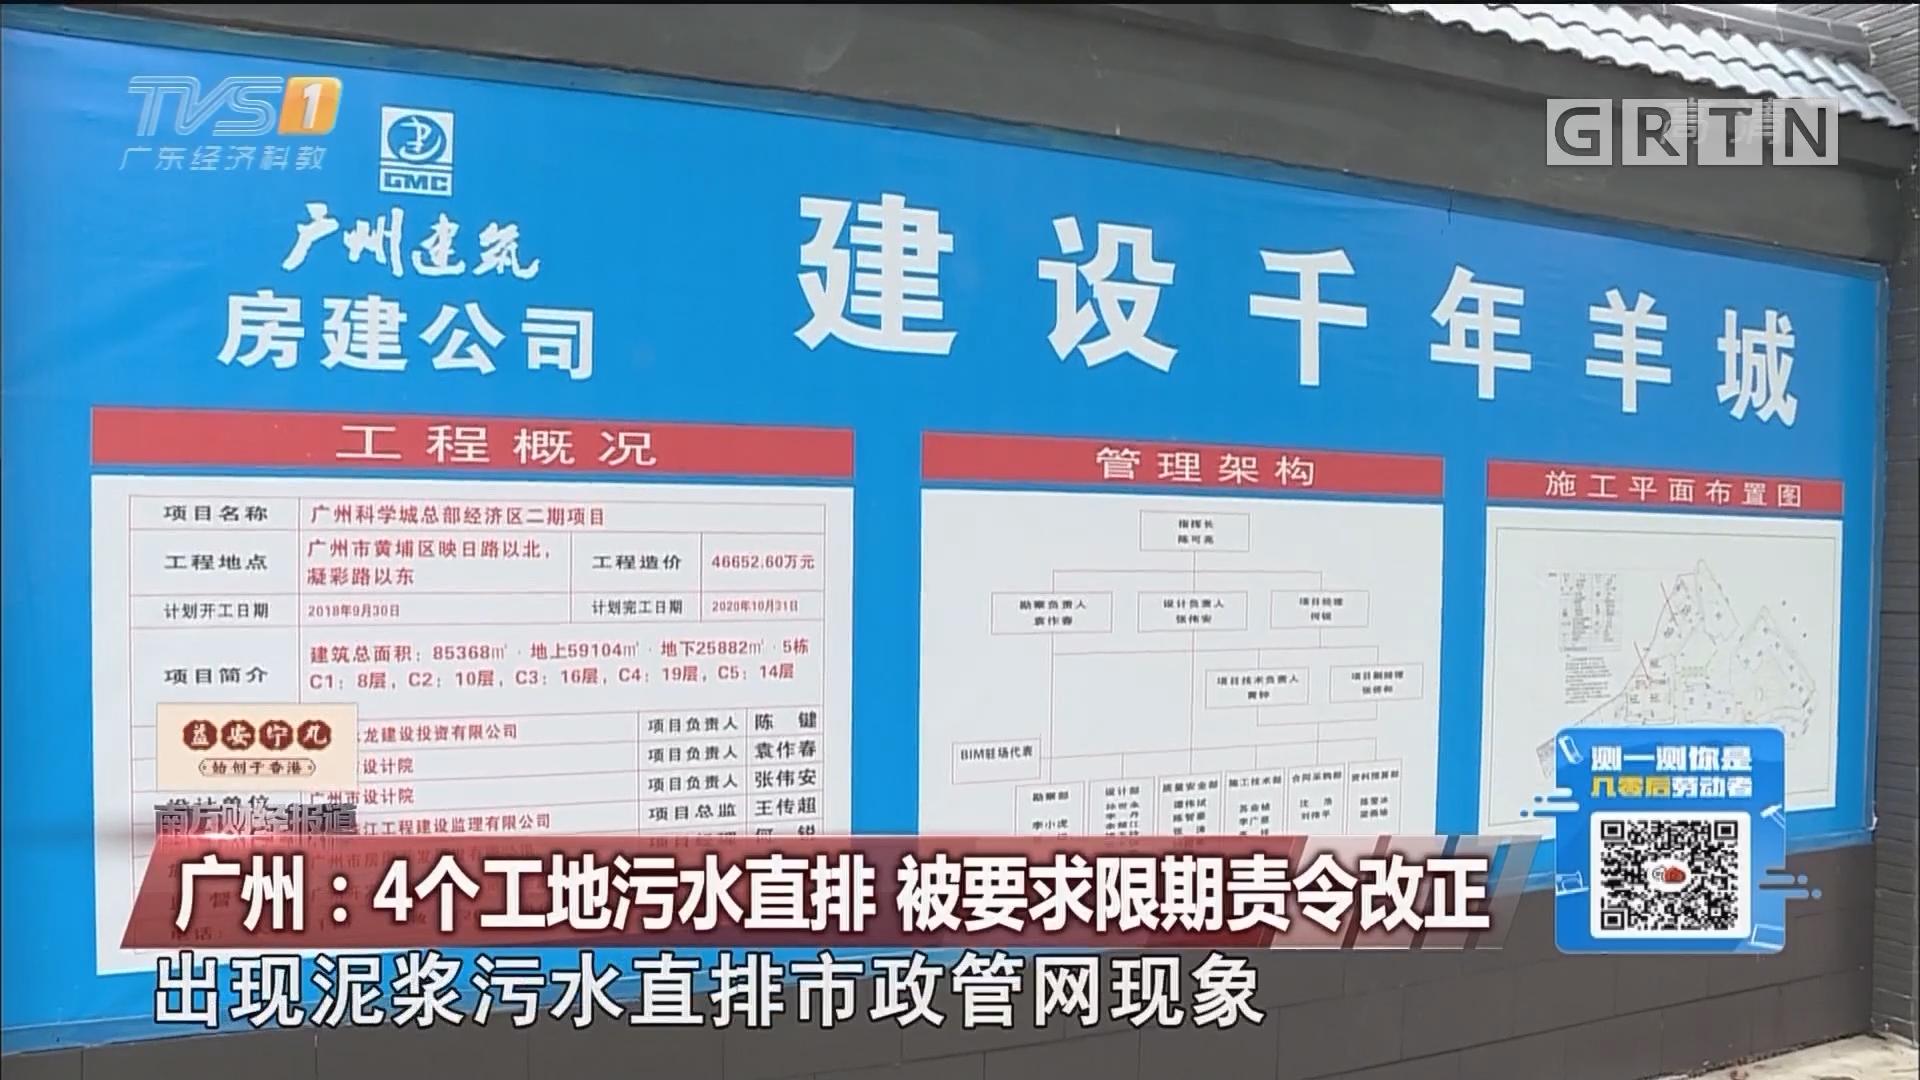 广州:4个工地污水直排 被要求限期责令改正